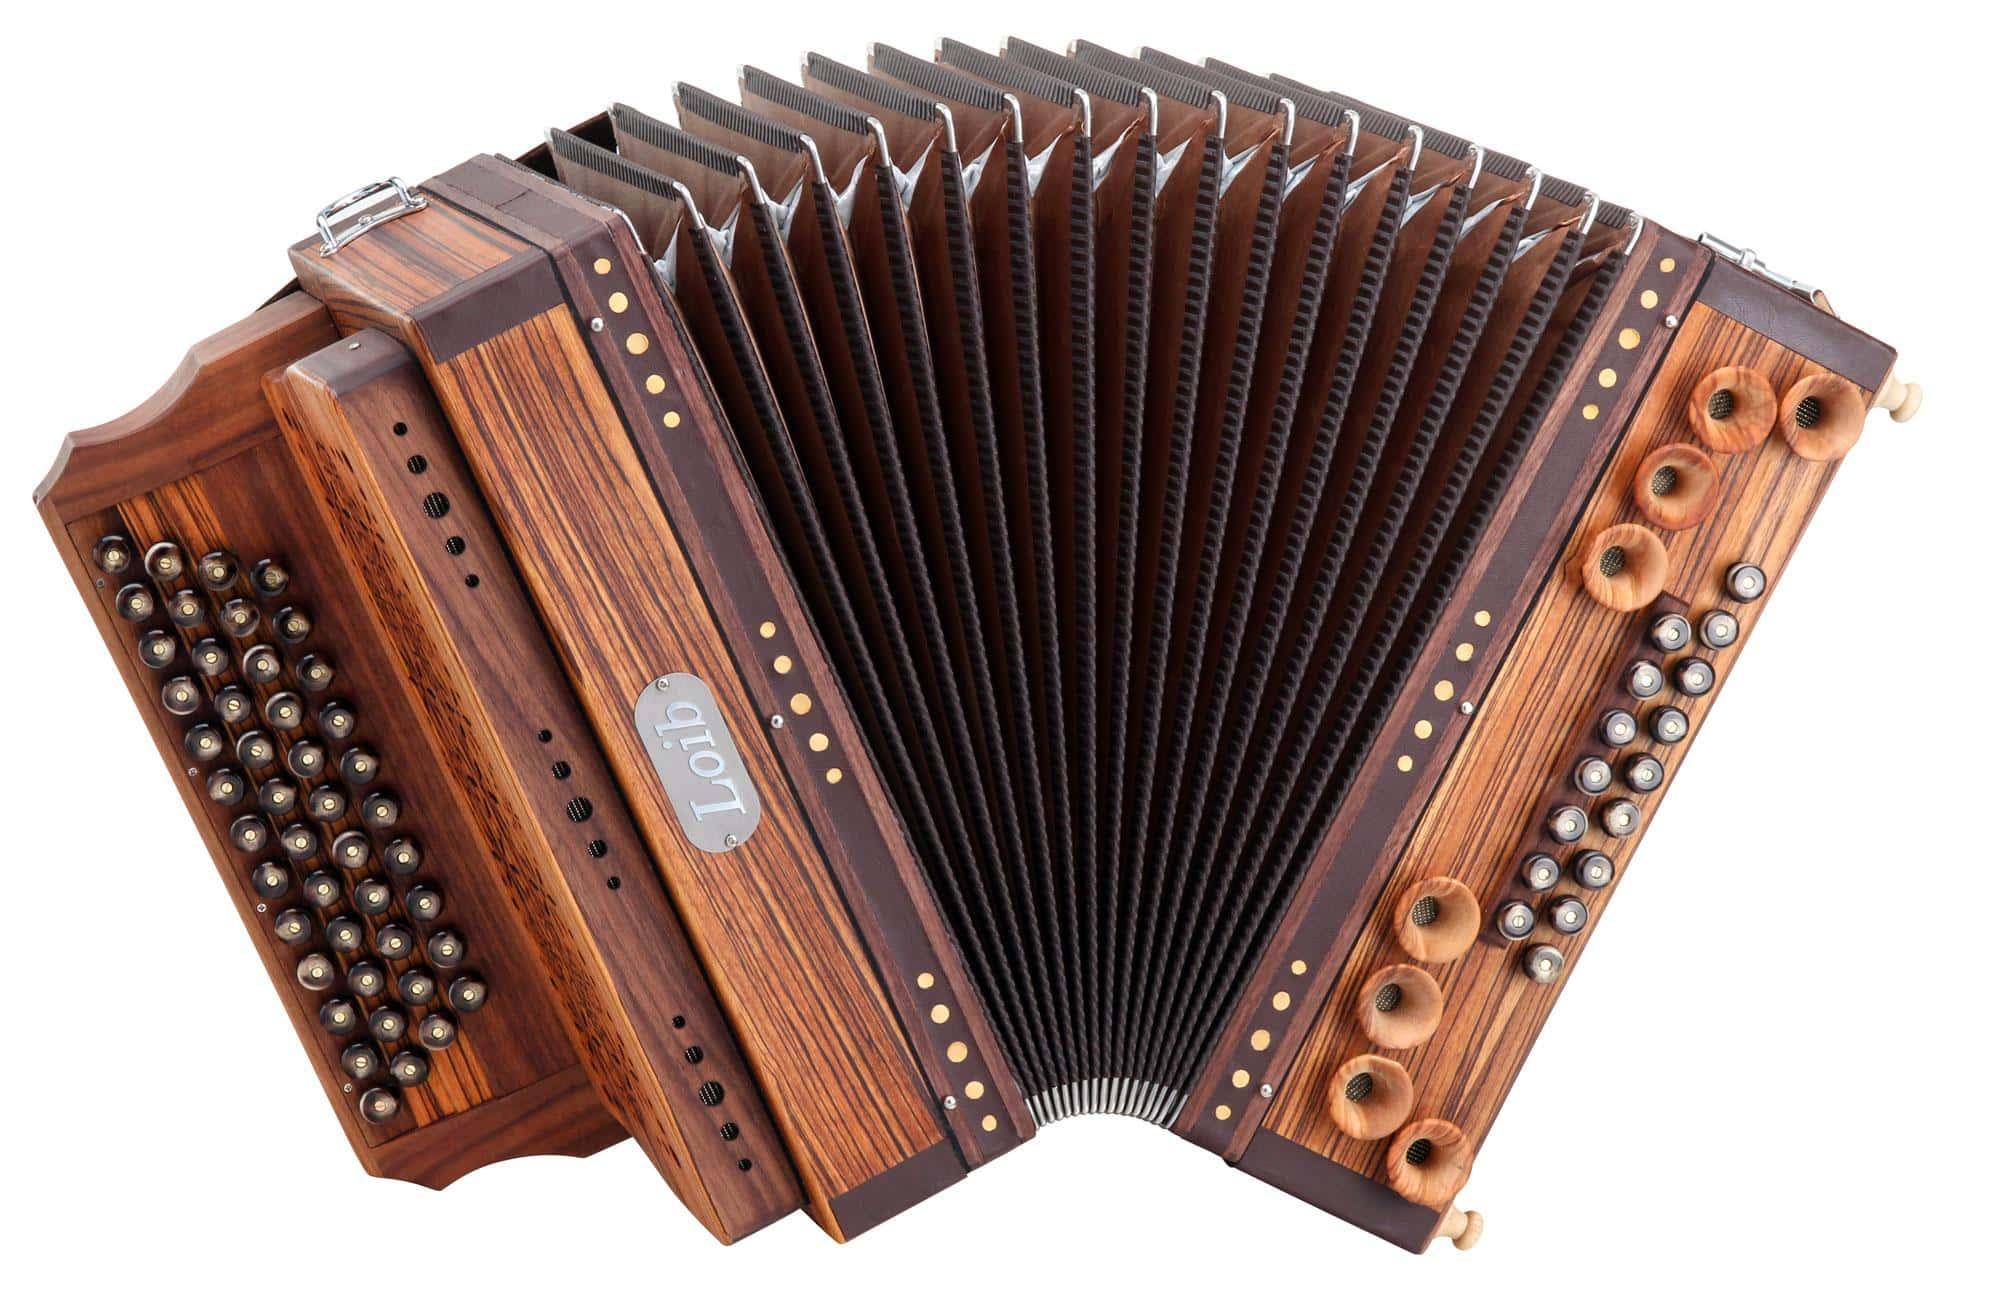 Akkordeons - Loib Harmonika IVD Zebrano G C F B mit H und X Bass, Holzverdeck - Onlineshop Musikhaus Kirstein